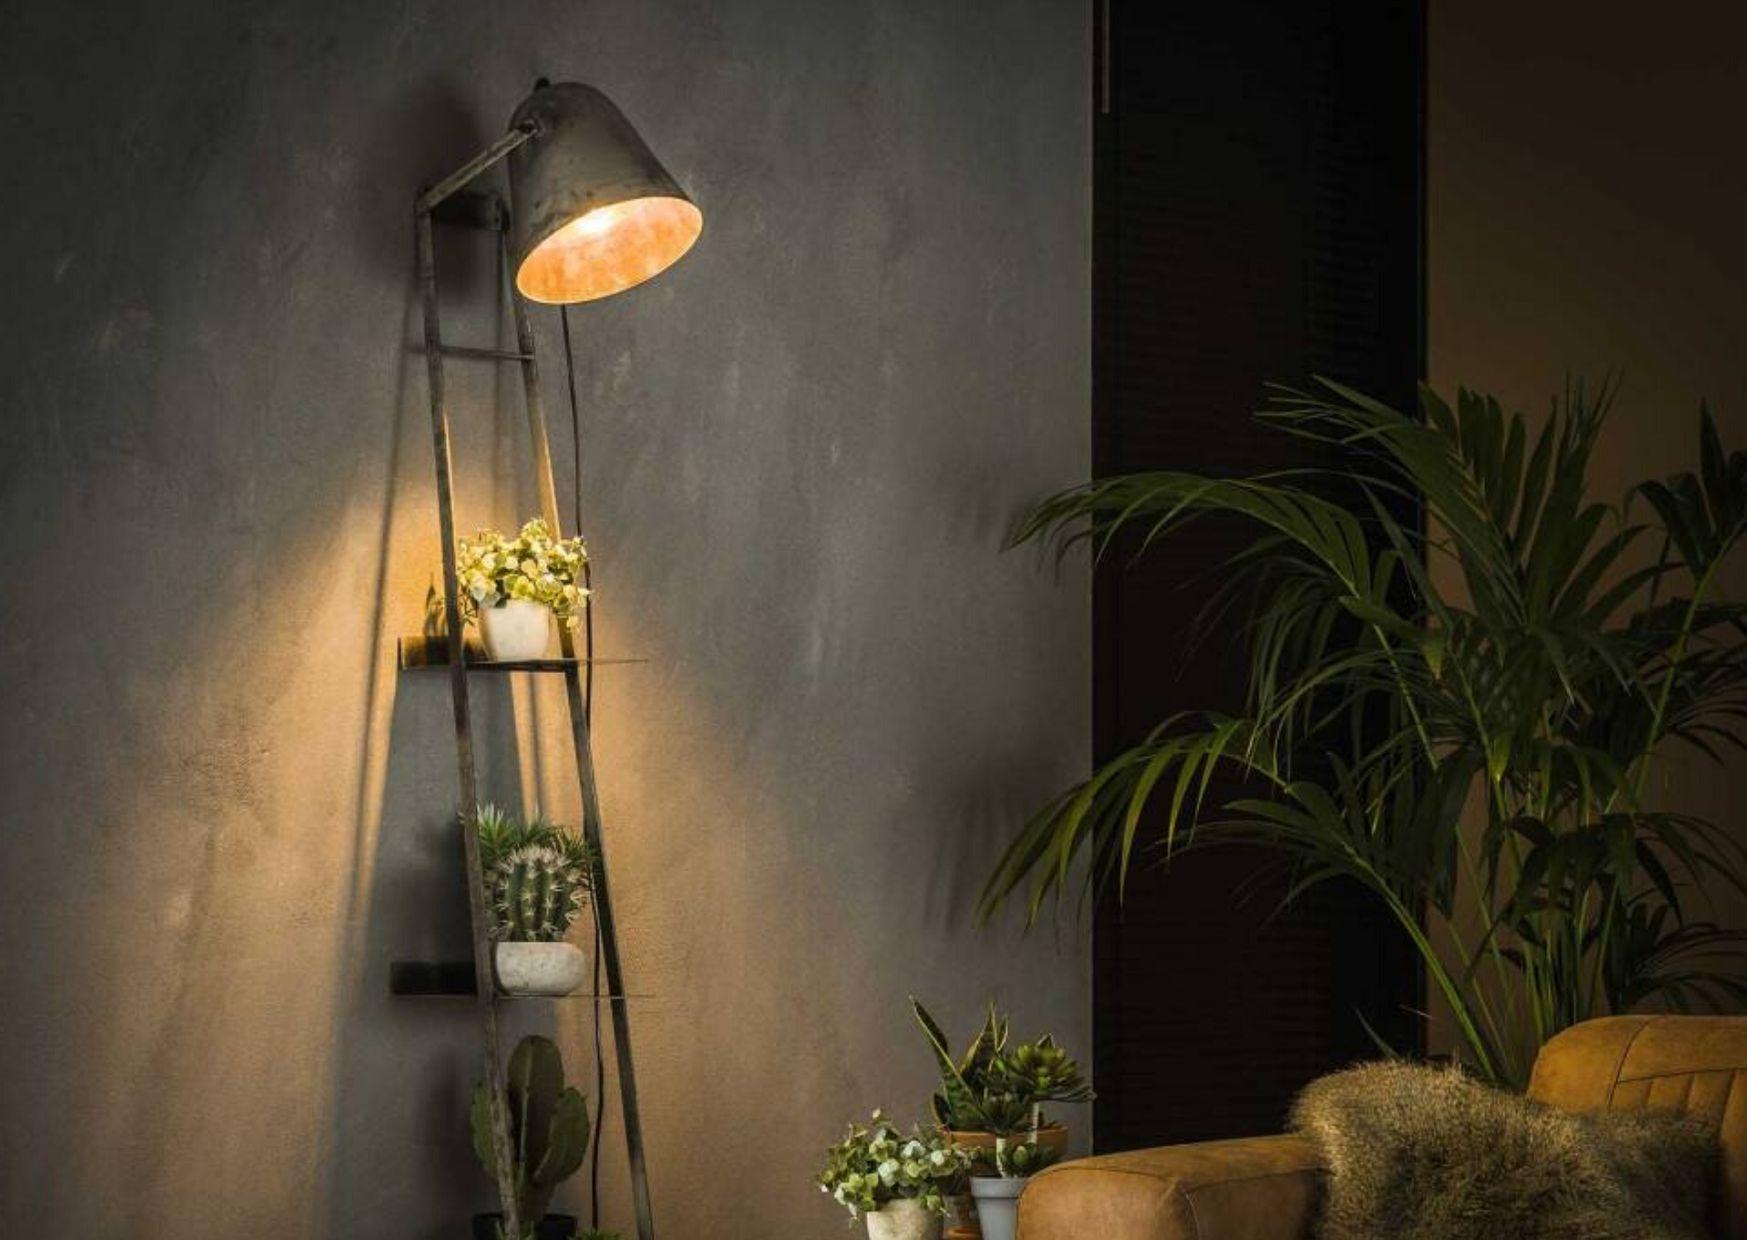 Full Size of Wohnzimmer Lampe Stehend Ausgefallene Lampen Und Besondere Magazin Led Deckenleuchte Board Deckenlampe Badezimmer Decke Pendelleuchte Deko Stehlampe Wohnzimmer Wohnzimmer Lampe Stehend